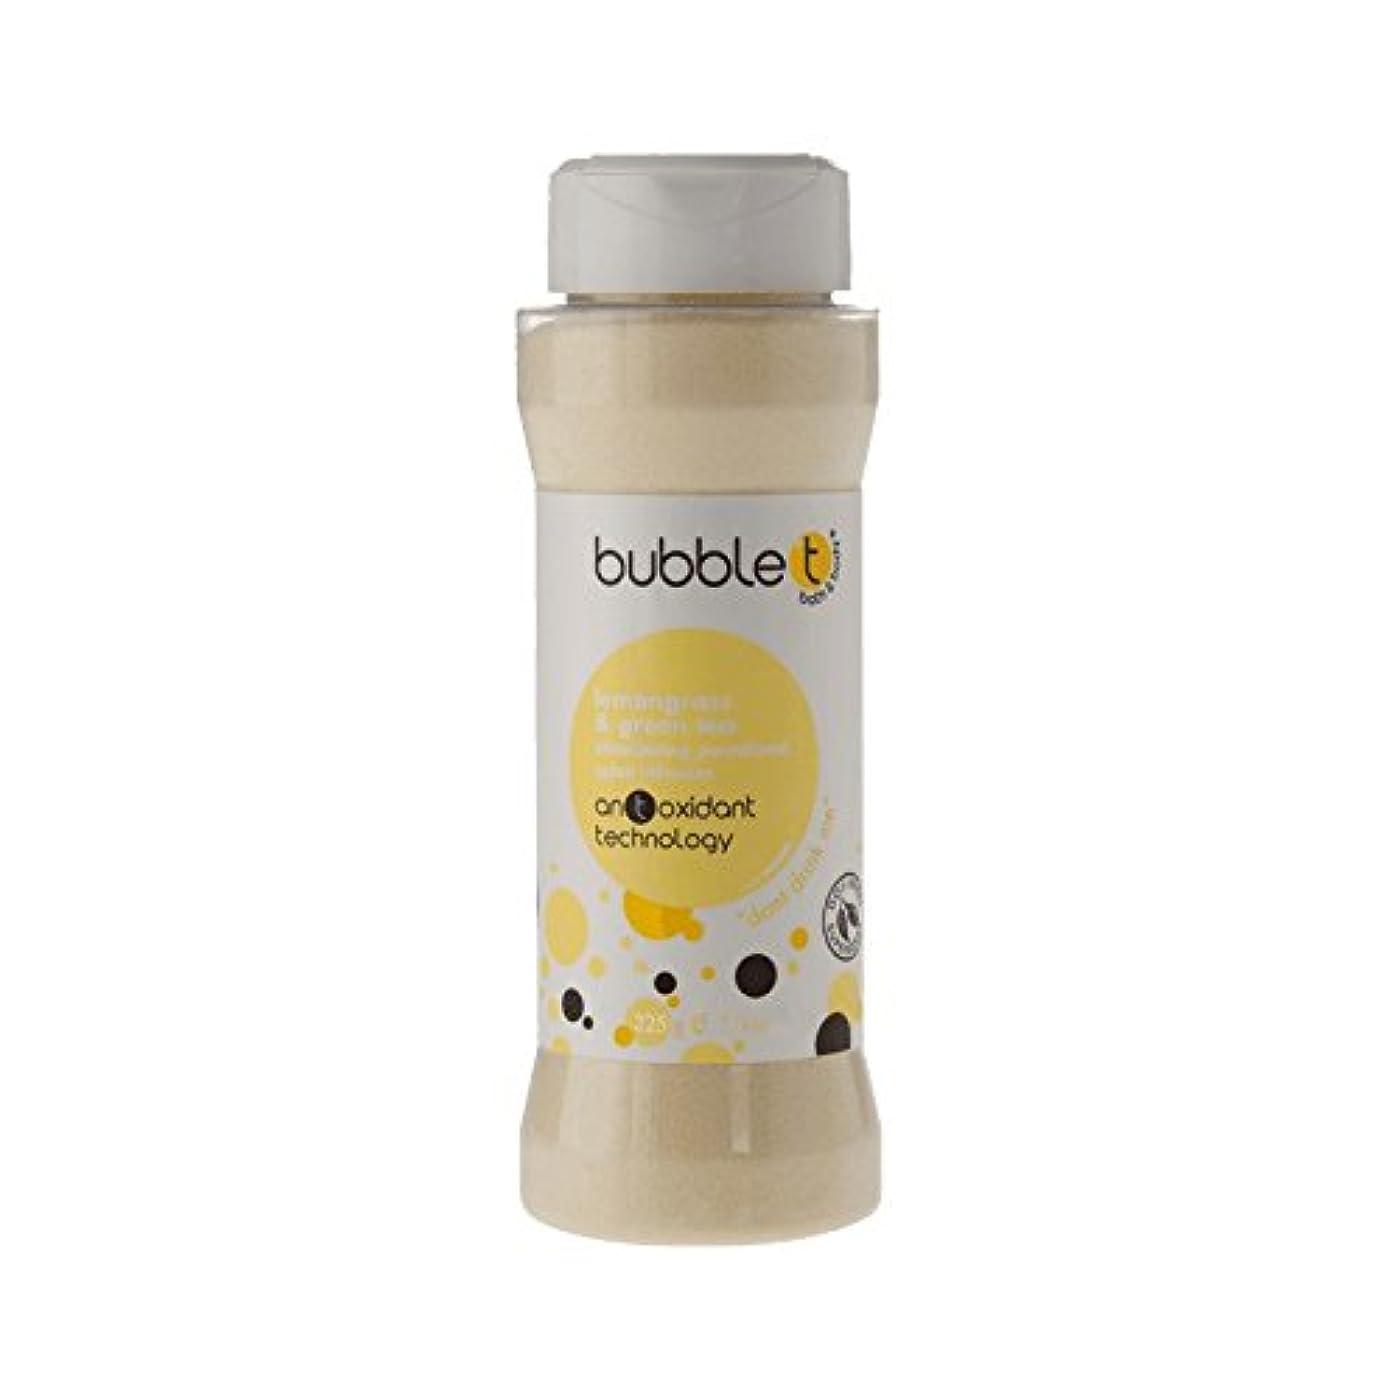 排除レタッチロールバブルトン風呂スパイス注入レモングラス&緑茶225グラム - Bubble T Bath Spice Infusion Lemongrass & Green Tea 225g (Bubble T) [並行輸入品]